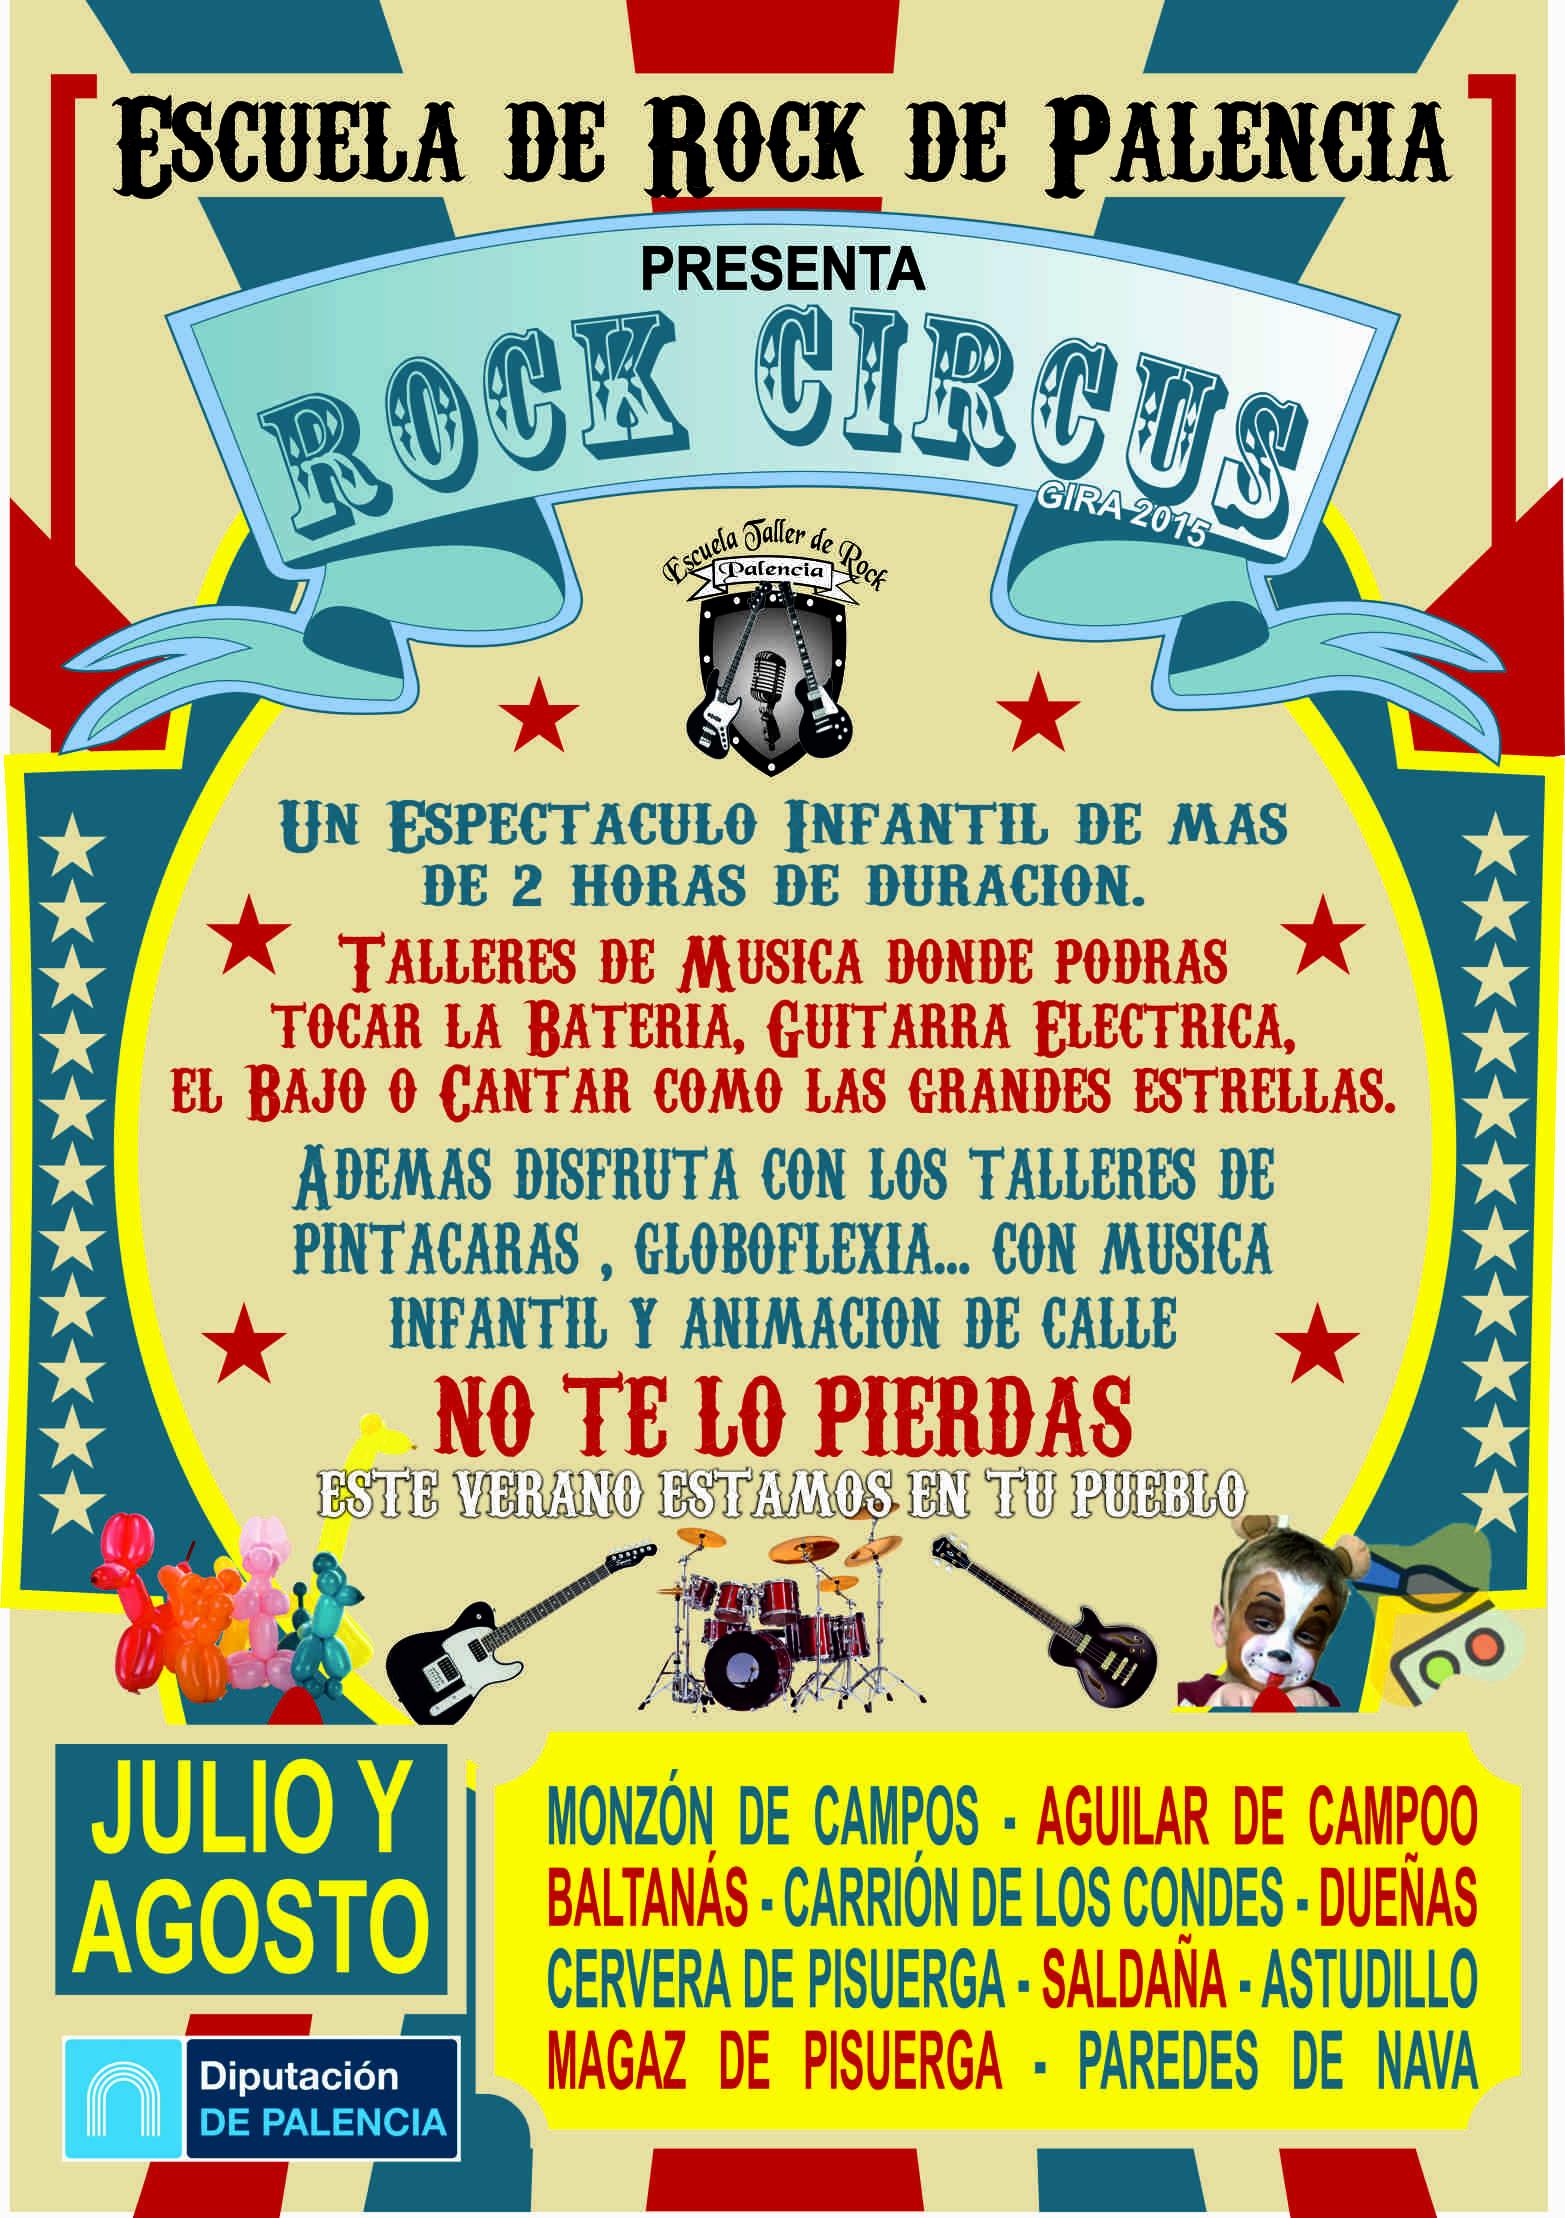 Escuela de rock 2015